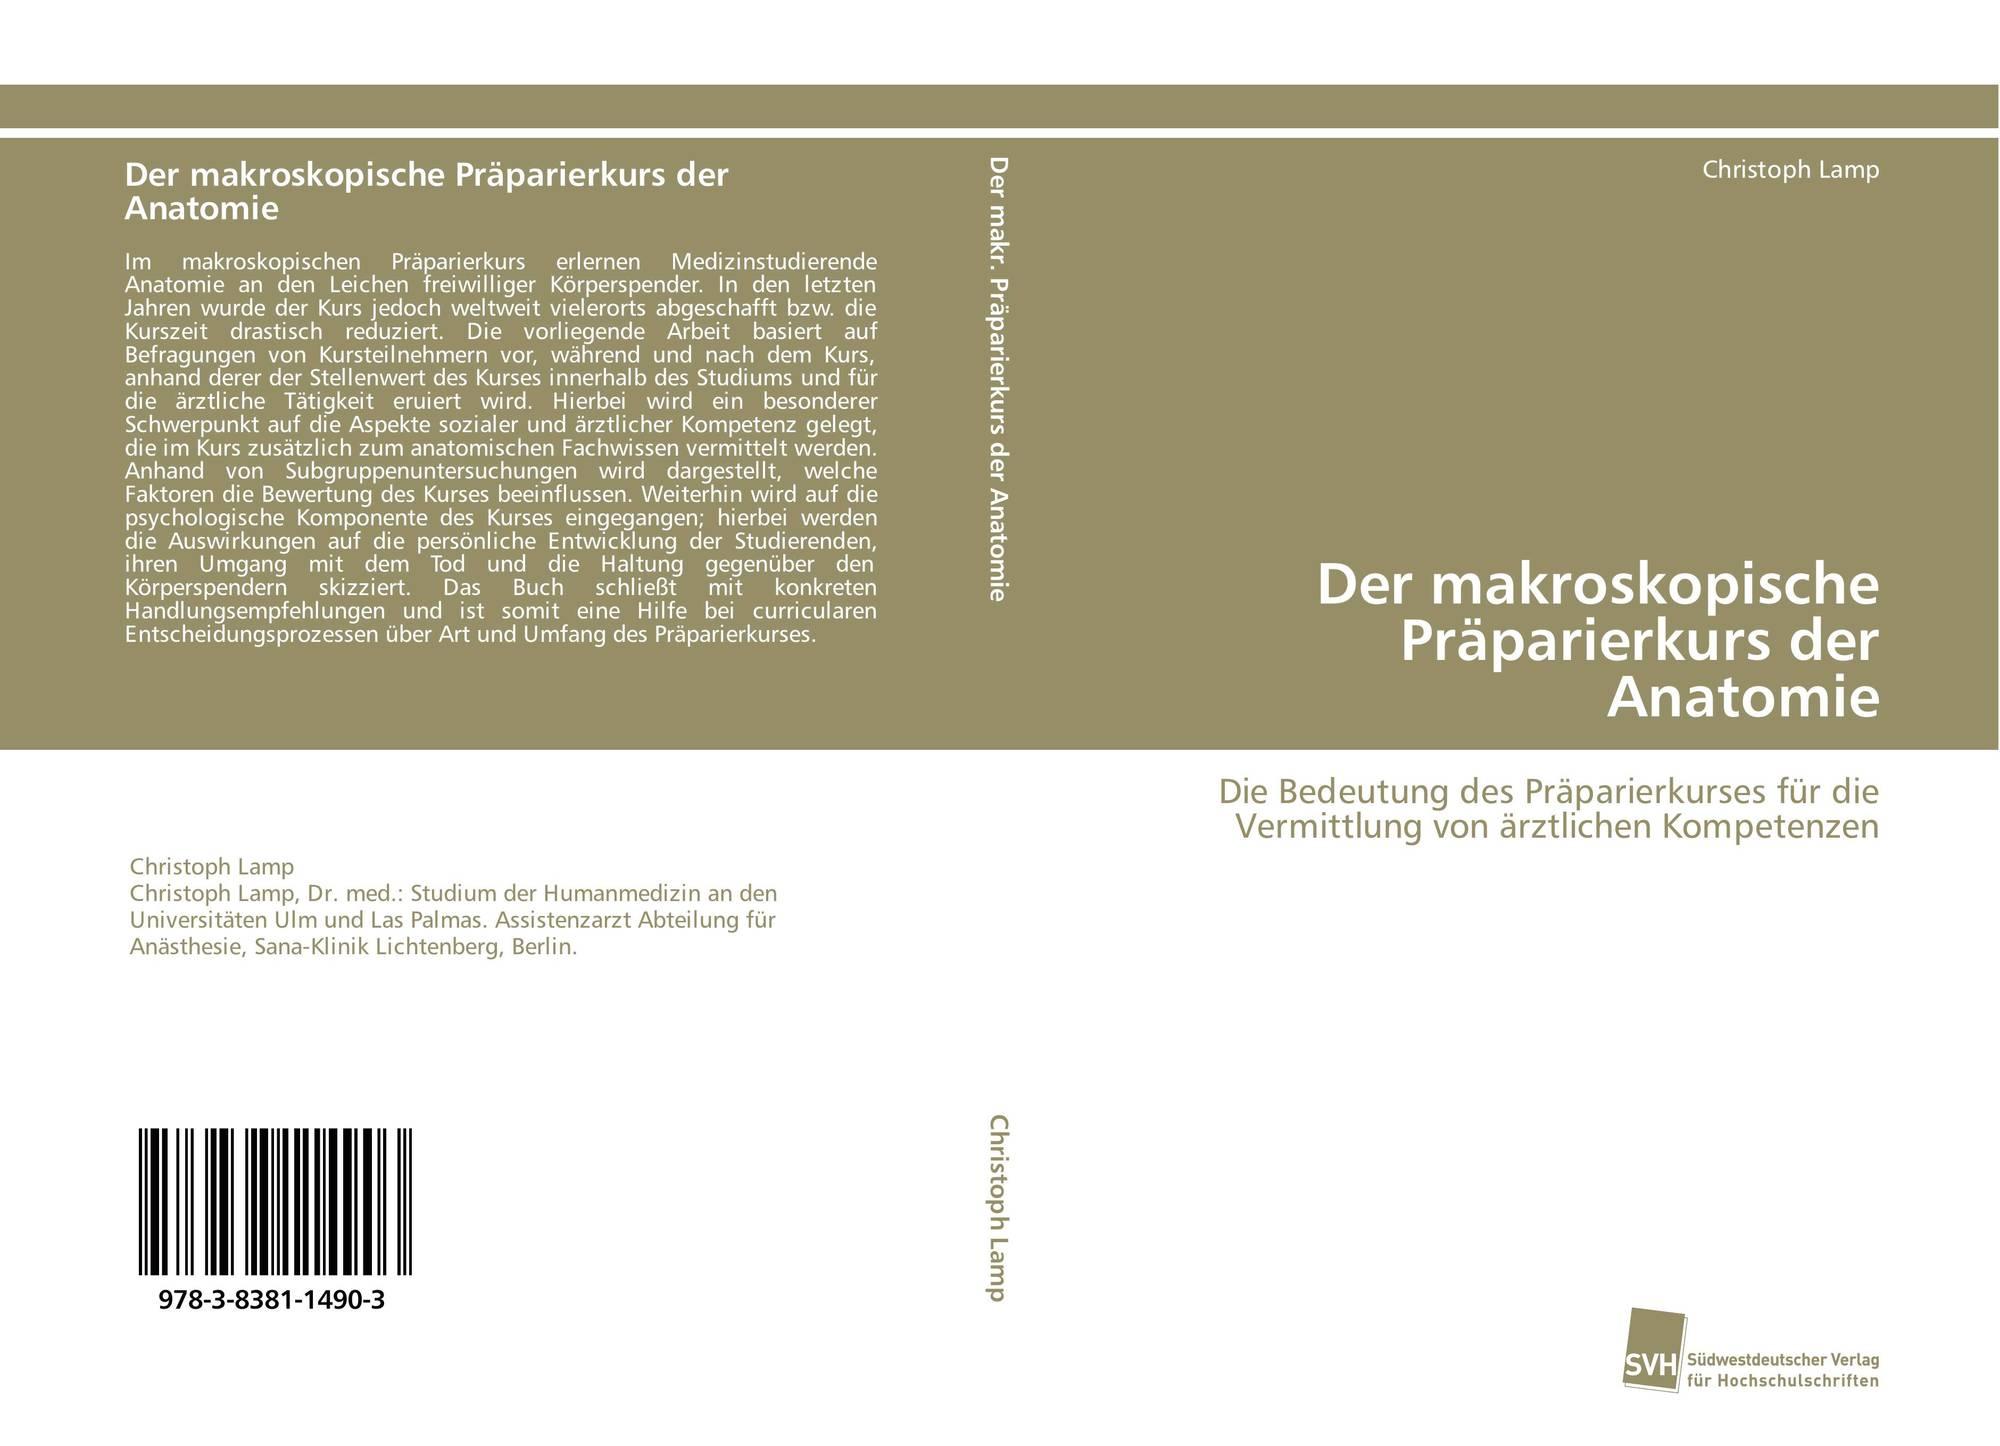 Der makroskopische Präparierkurs der Anatomie, 978-3-8381-1490-3 ...